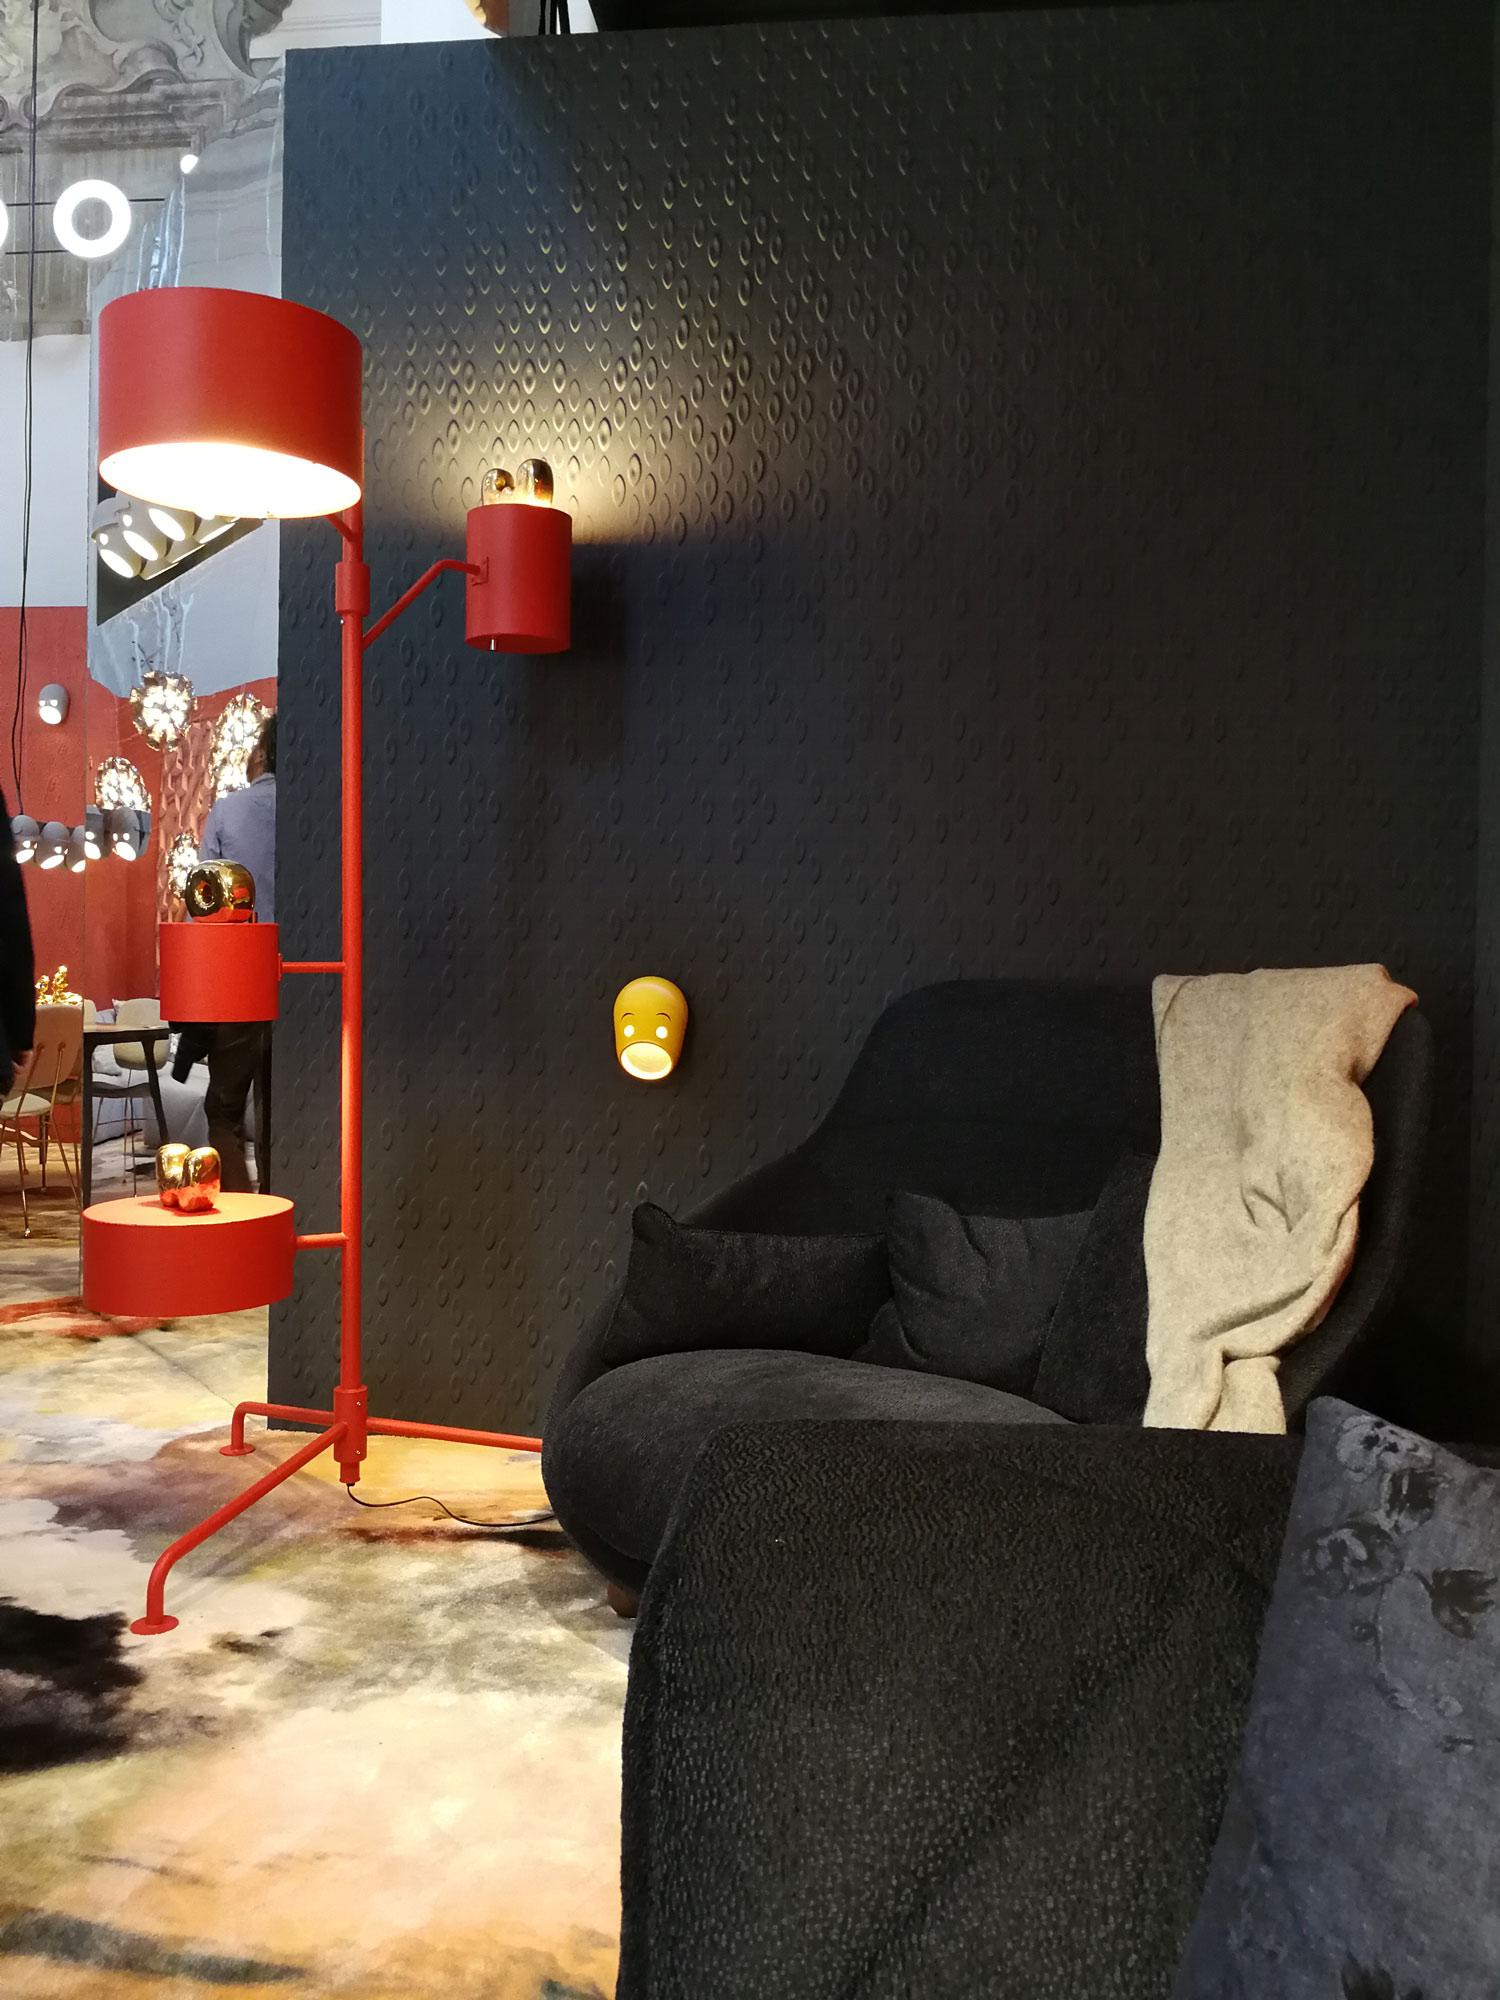 Interior design trends for 2020 - 3D Wallpaper interior trend - Authentic Interior design studio & blog www.authenticinterior.com